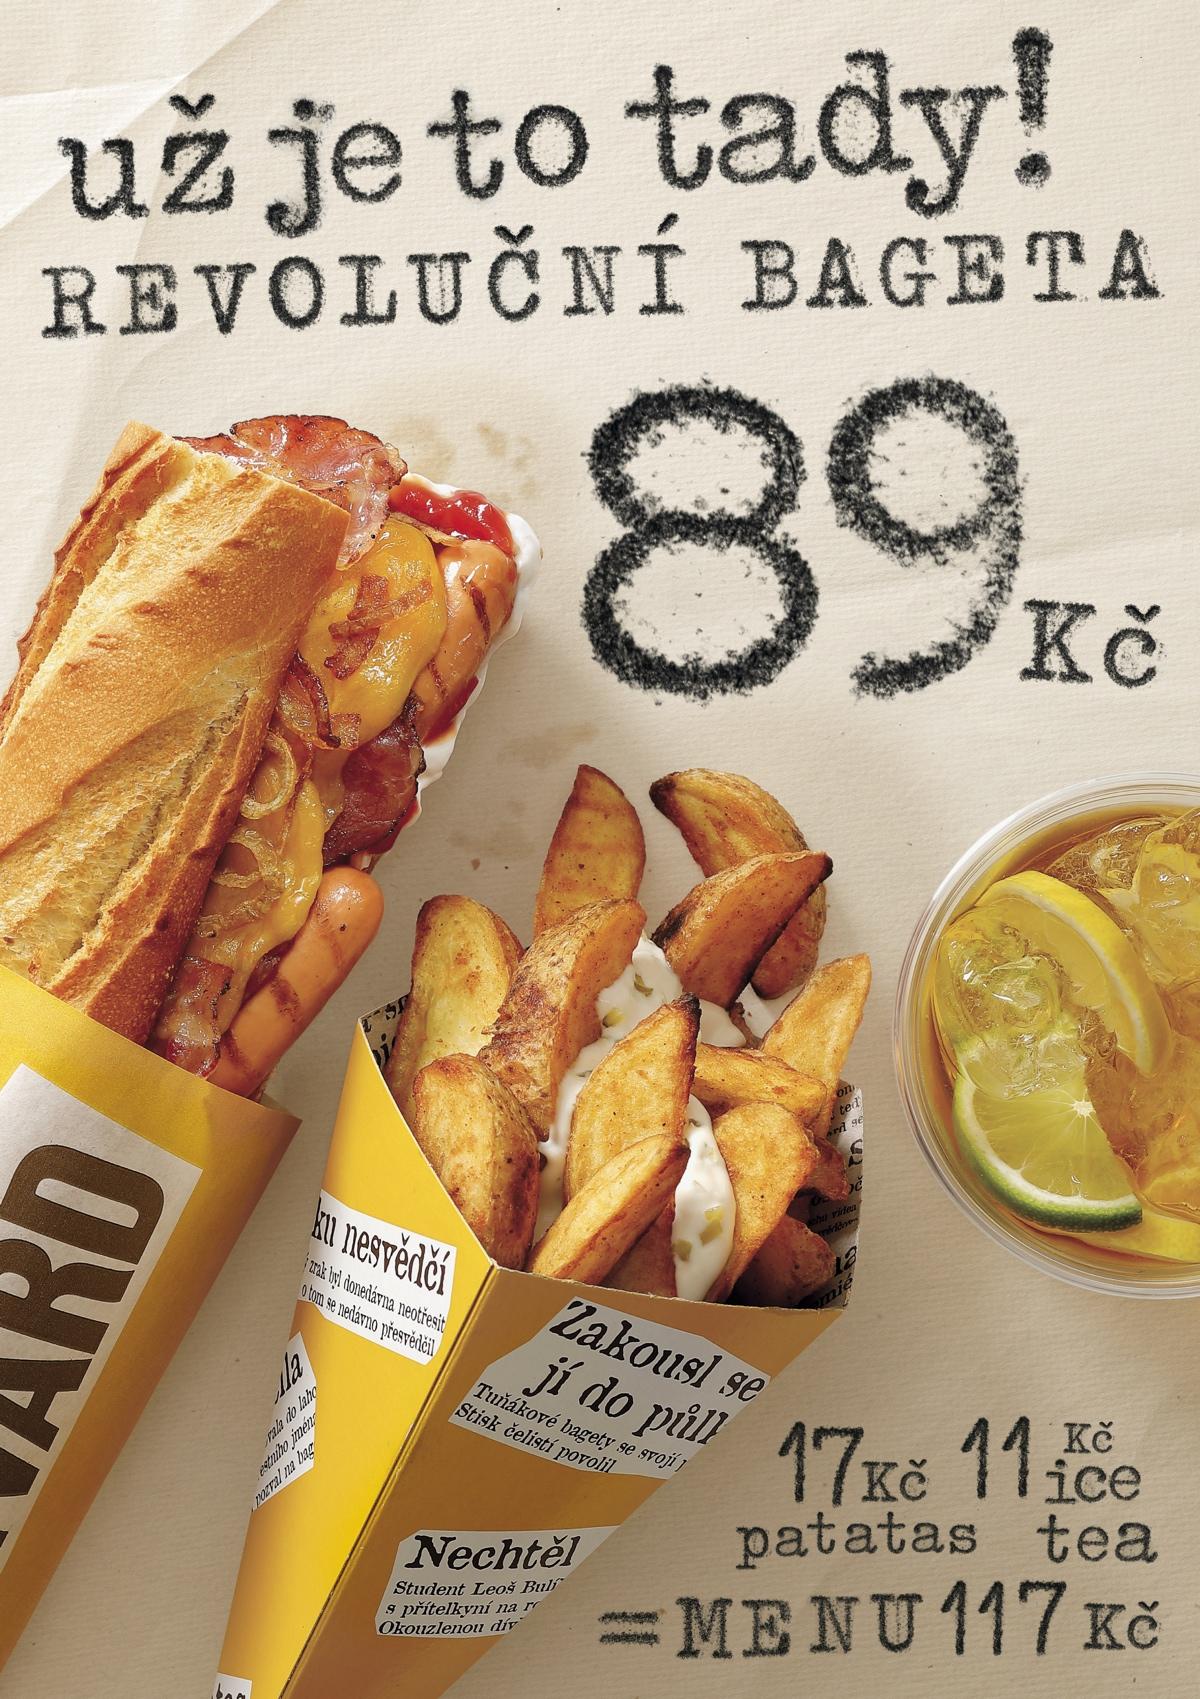 Revoluční bageta Bageterie Boulevard